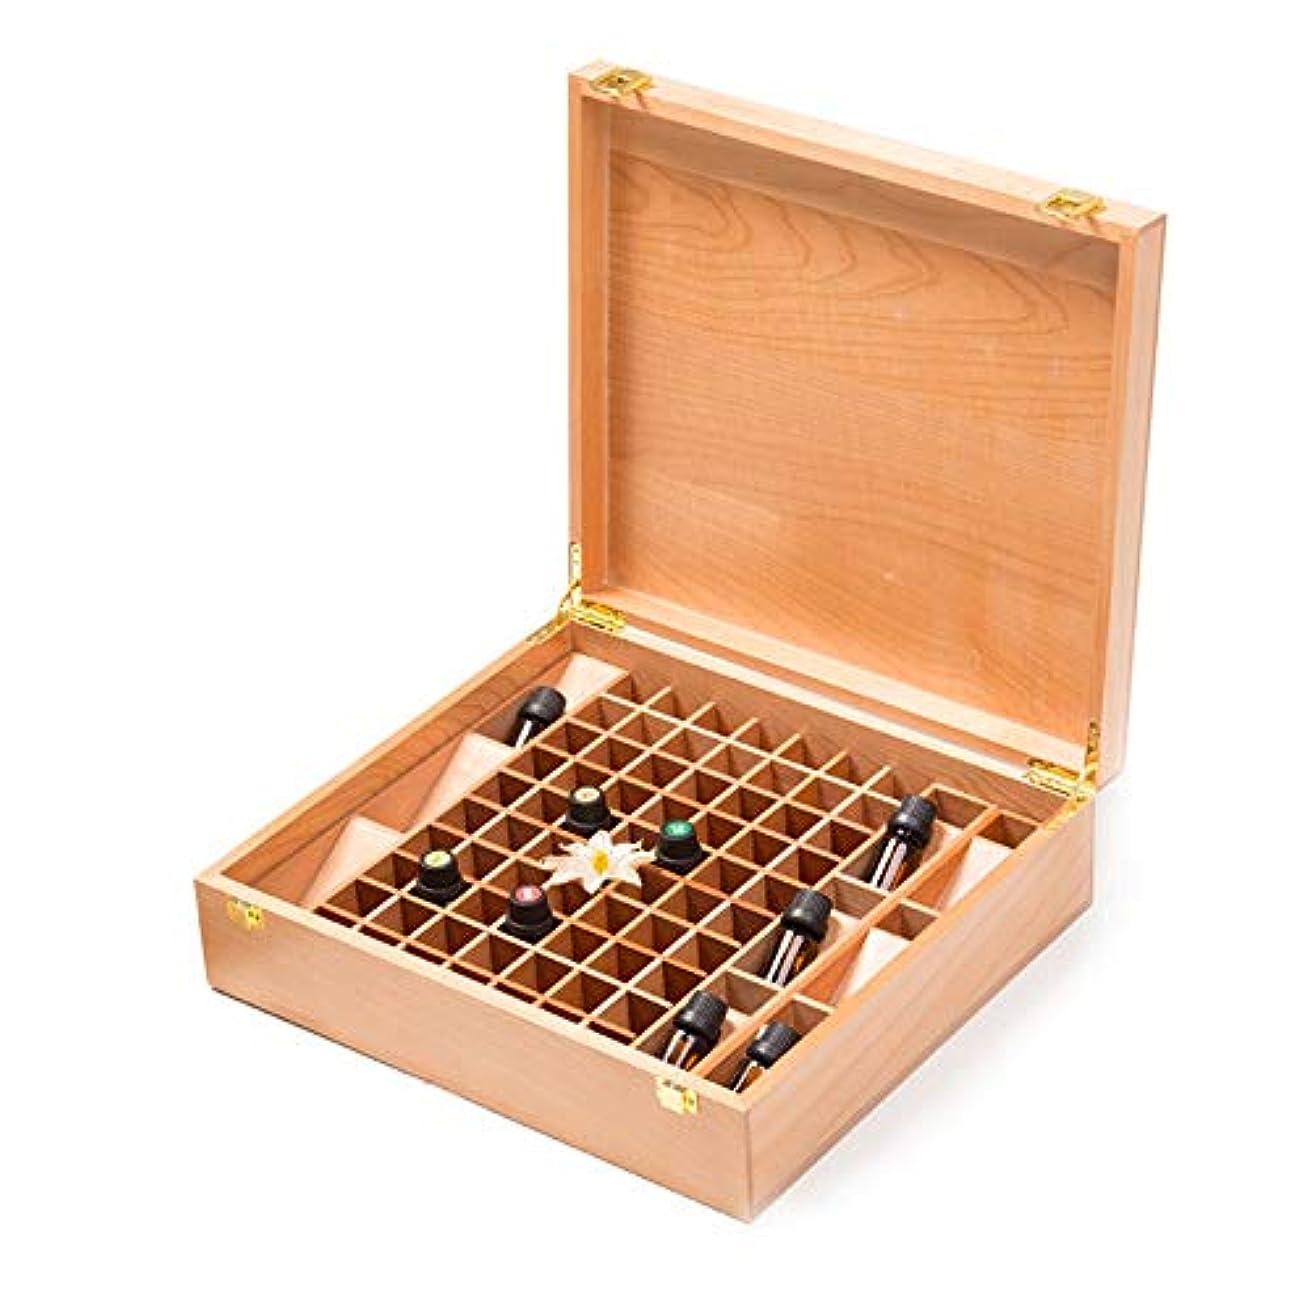 貫通キャンベラカウントエッセンシャルオイル収納ボックス 手作りの木製エッセンシャルオイルストレージボックスパーフェクトエッセンシャルオイルのケースは、70本の油のボトルを保持します (色 : Natural, サイズ : 44X31.5X10.5CM)